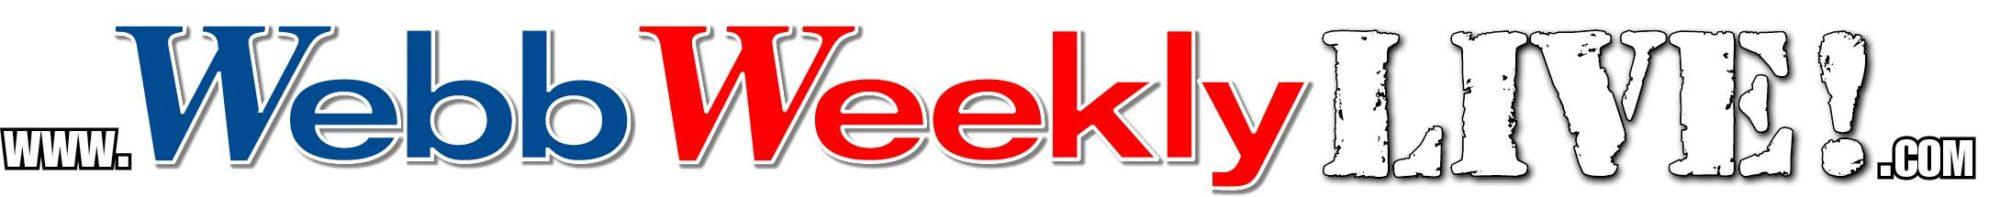 Web Weekly